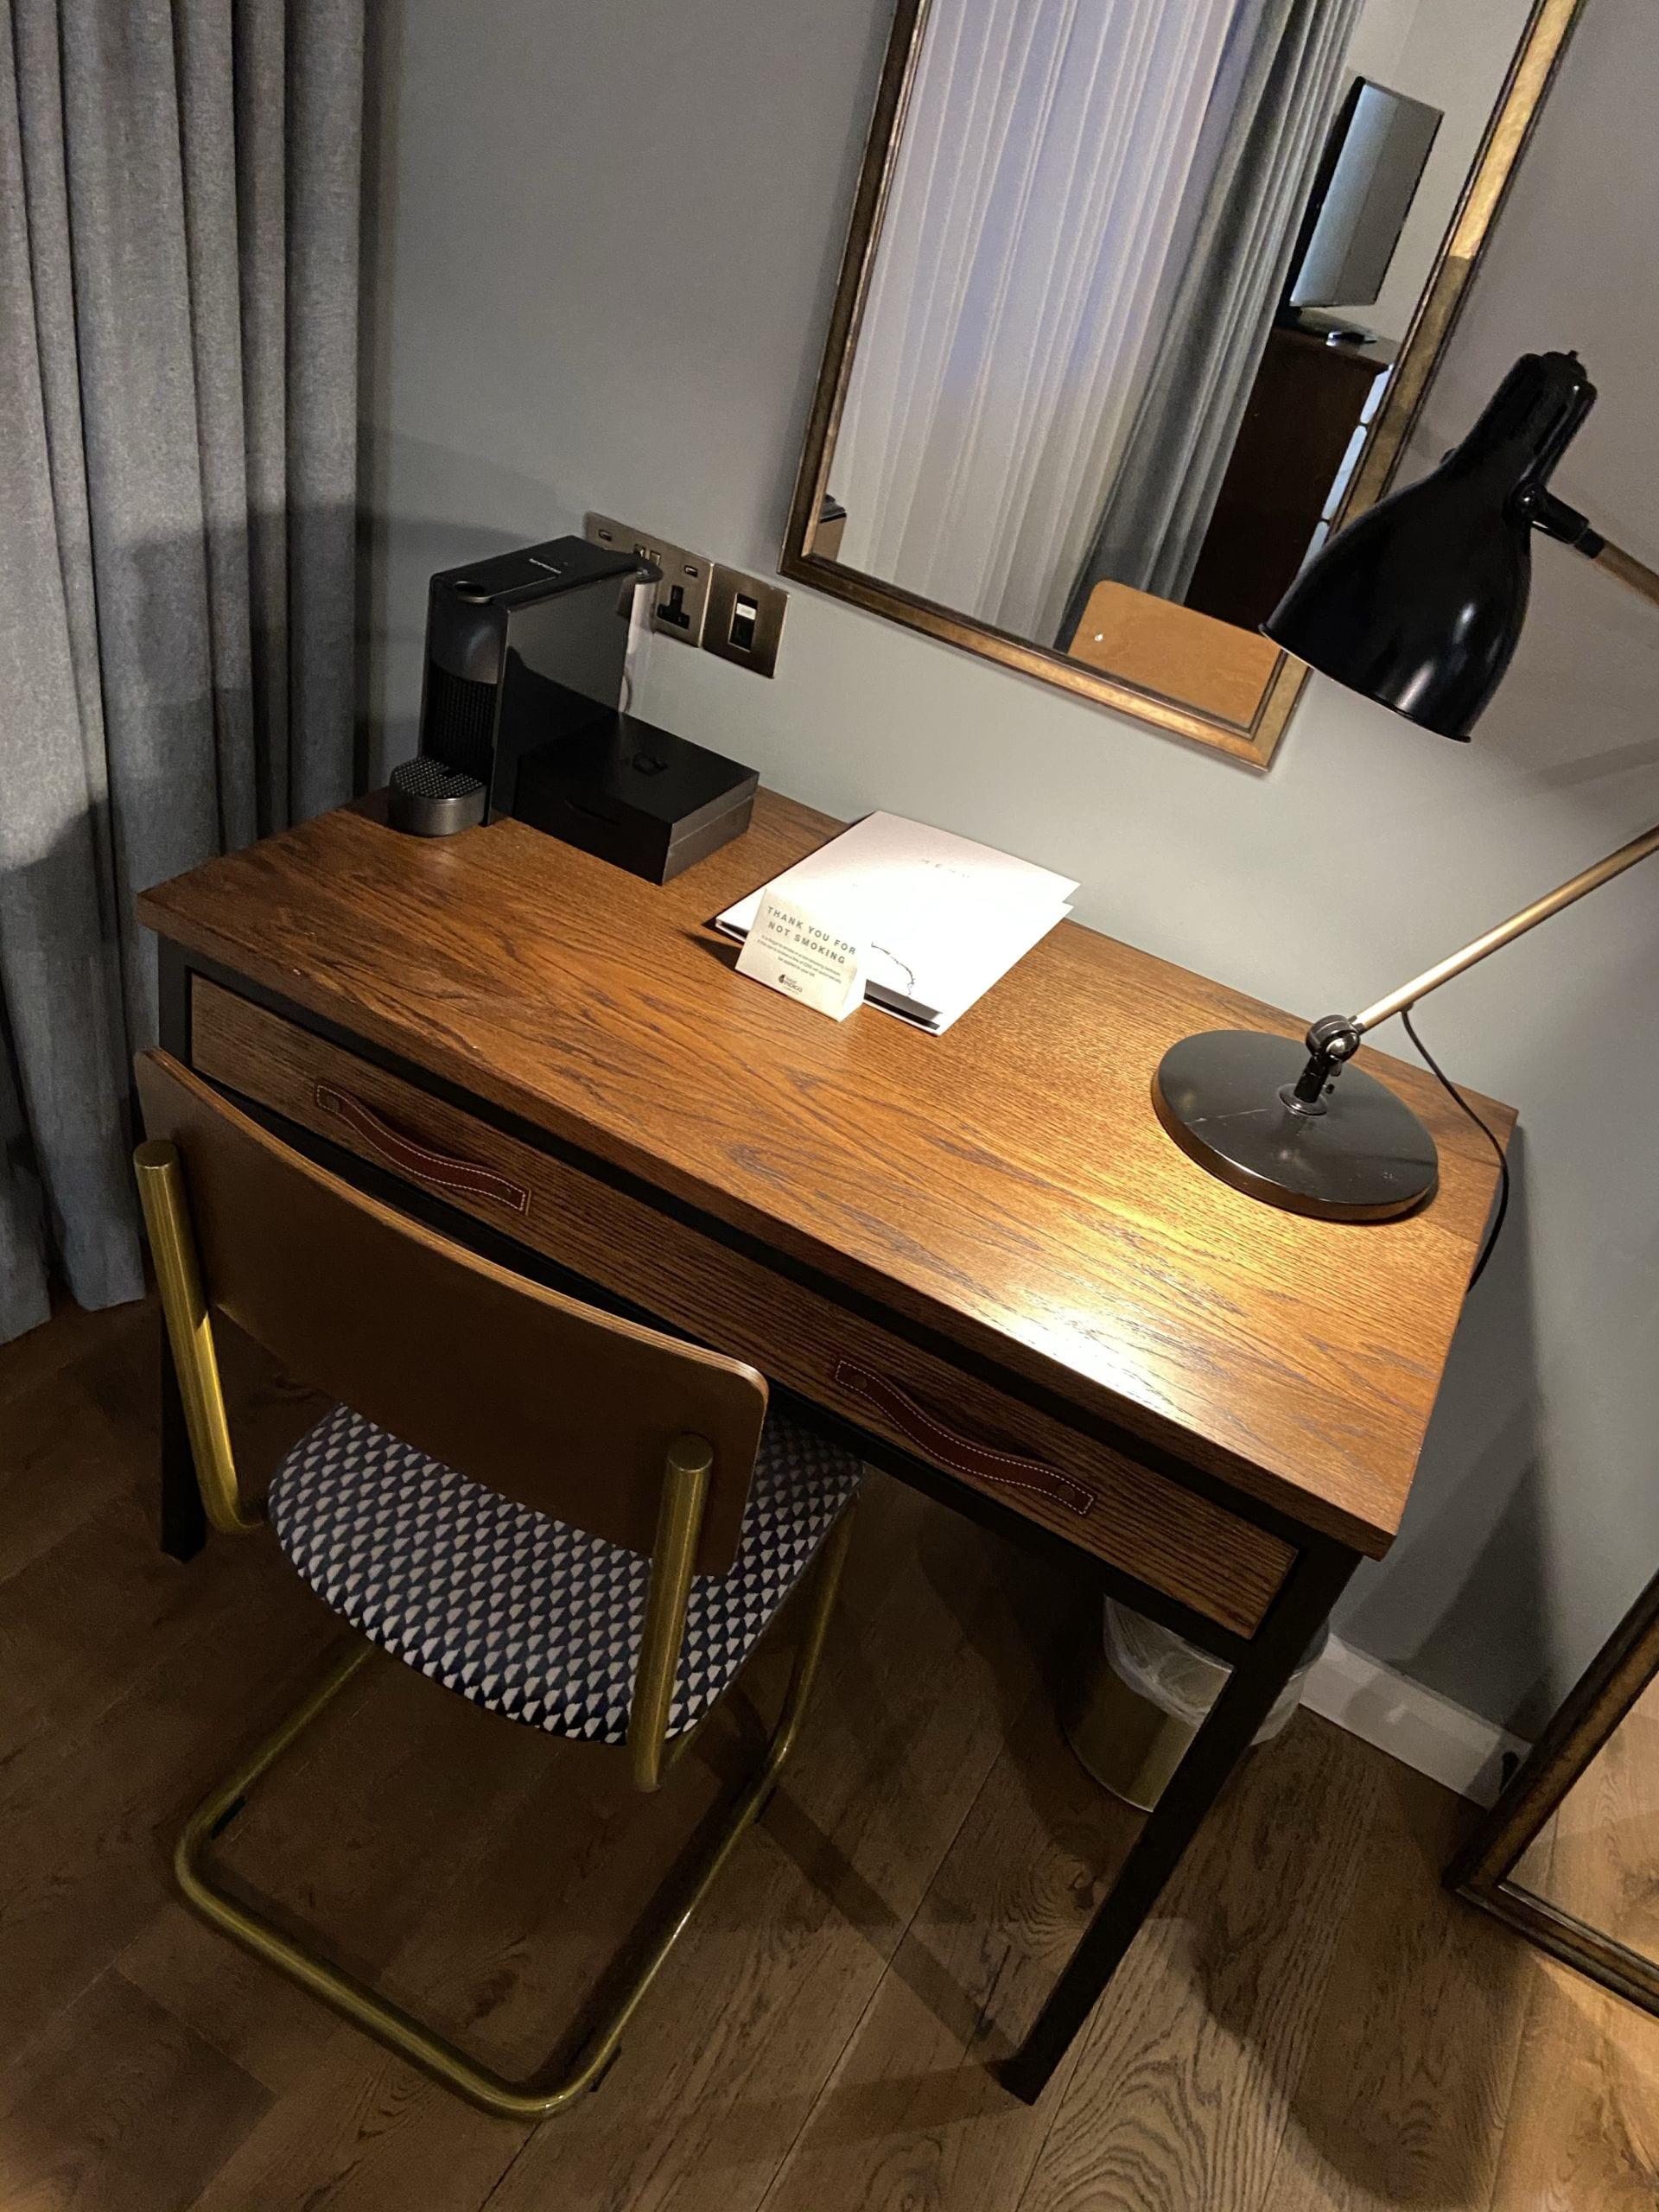 Hotel Desk Hotel Indigo Stratford Upon Avon